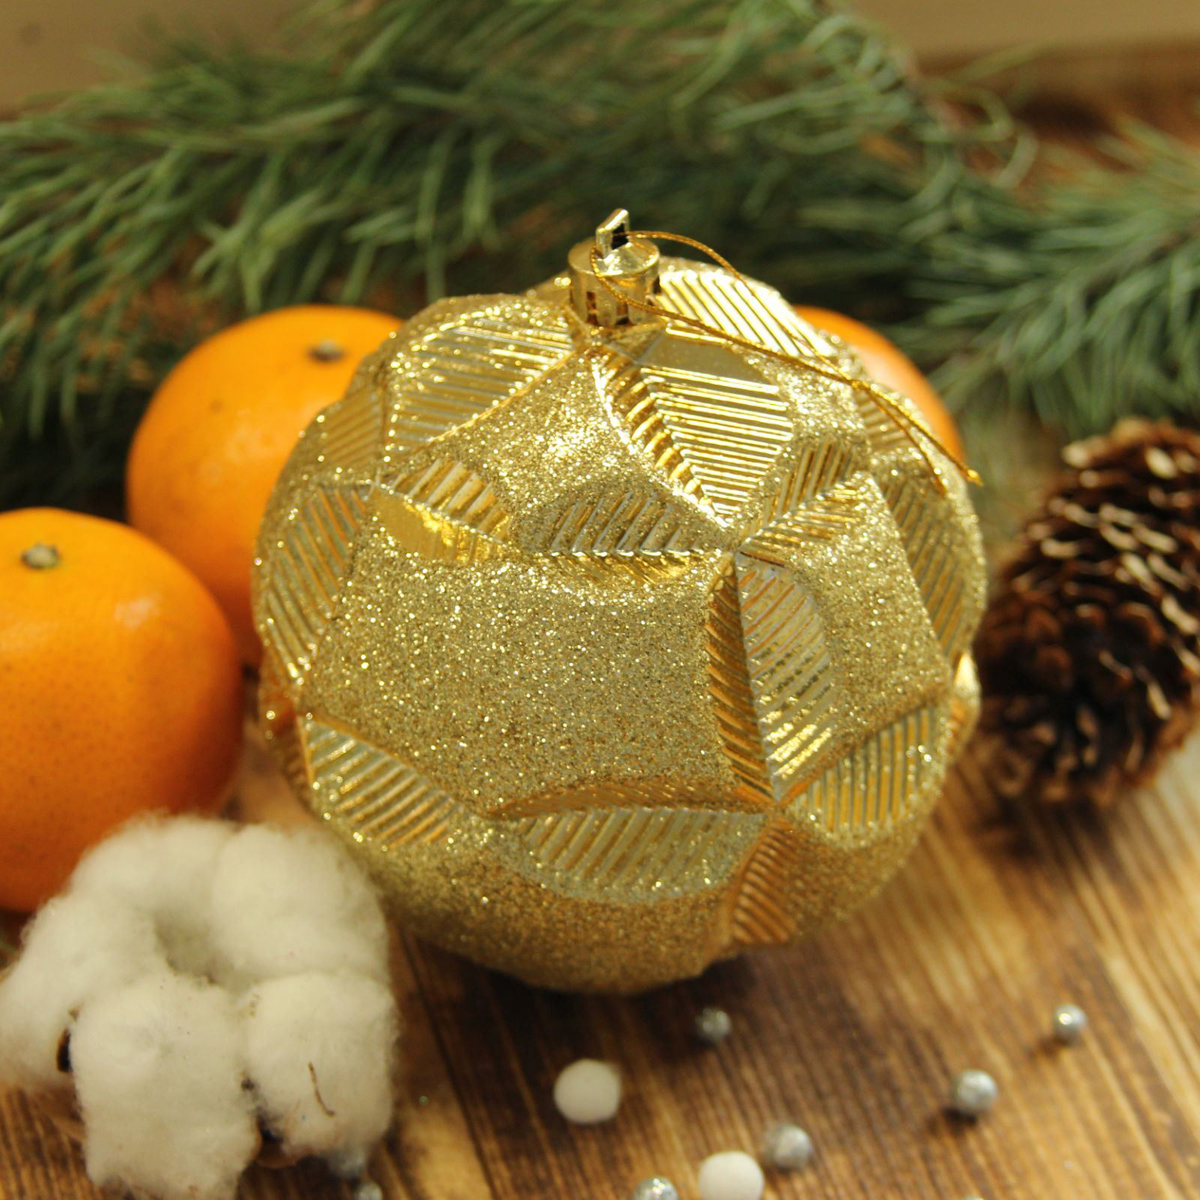 Набор новогодних подвесных украшений Sima-land Цветочный рельеф, цвет: золотистый, диаметр 10 см, 2 шт2123012Невозможно представить нашу жизнь без праздников! Мы всегда ждём их и предвкушаем, обдумываем, как проведём памятный день, тщательно выбираем подарки и аксессуары, ведь именно они создают и поддерживают торжественный настрой.